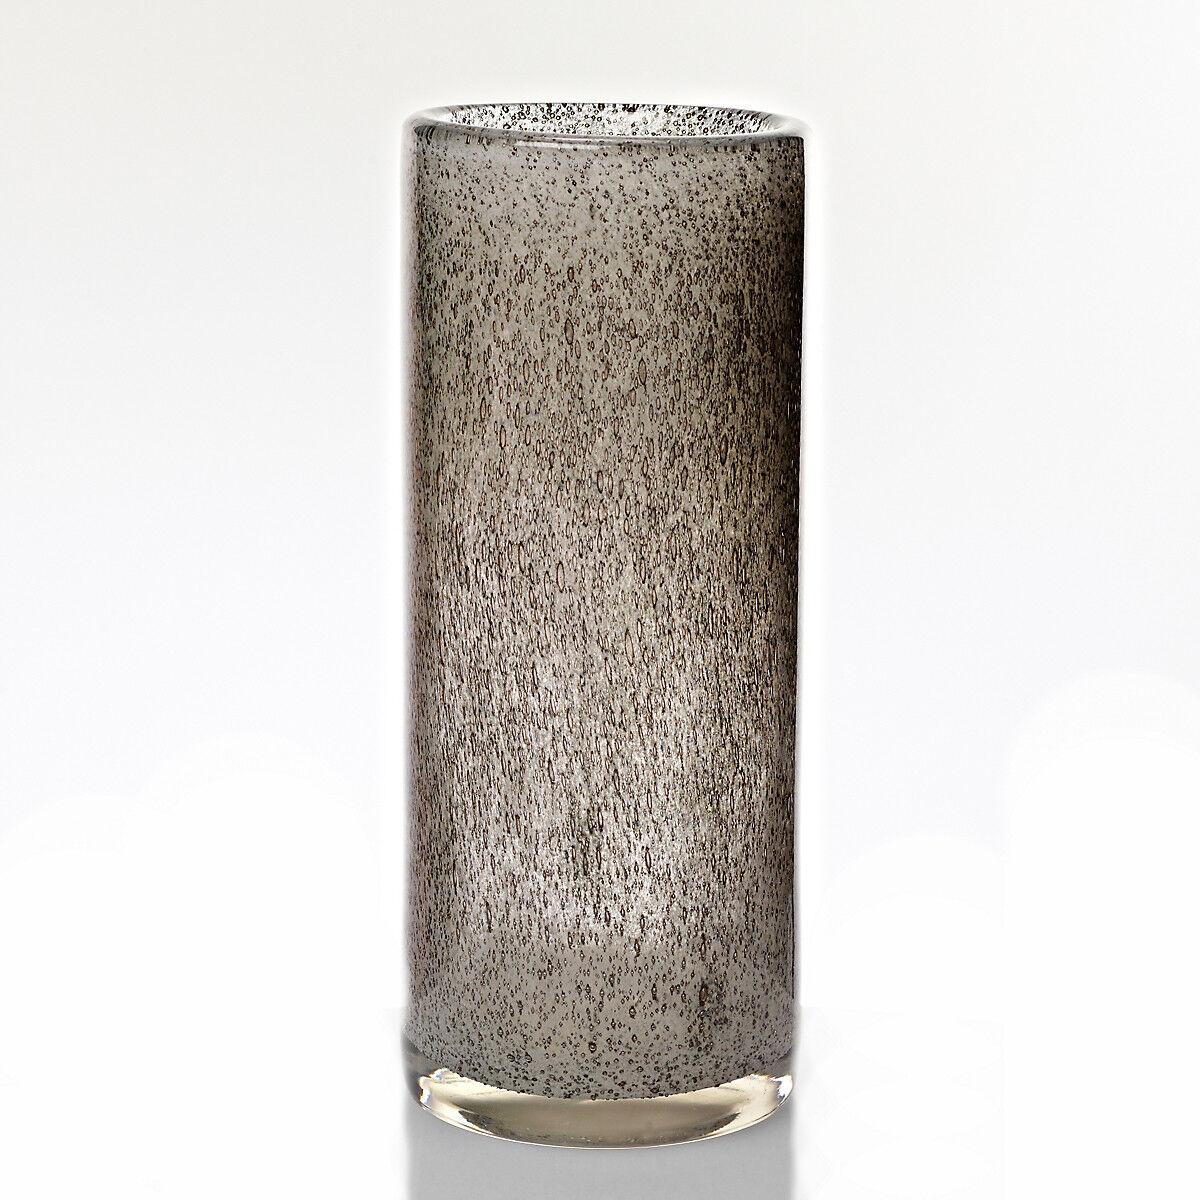 Vase Blaumenvase BUBBLE grau pat., H=30cm (ART GLASS by CRISTALICA) GW04687